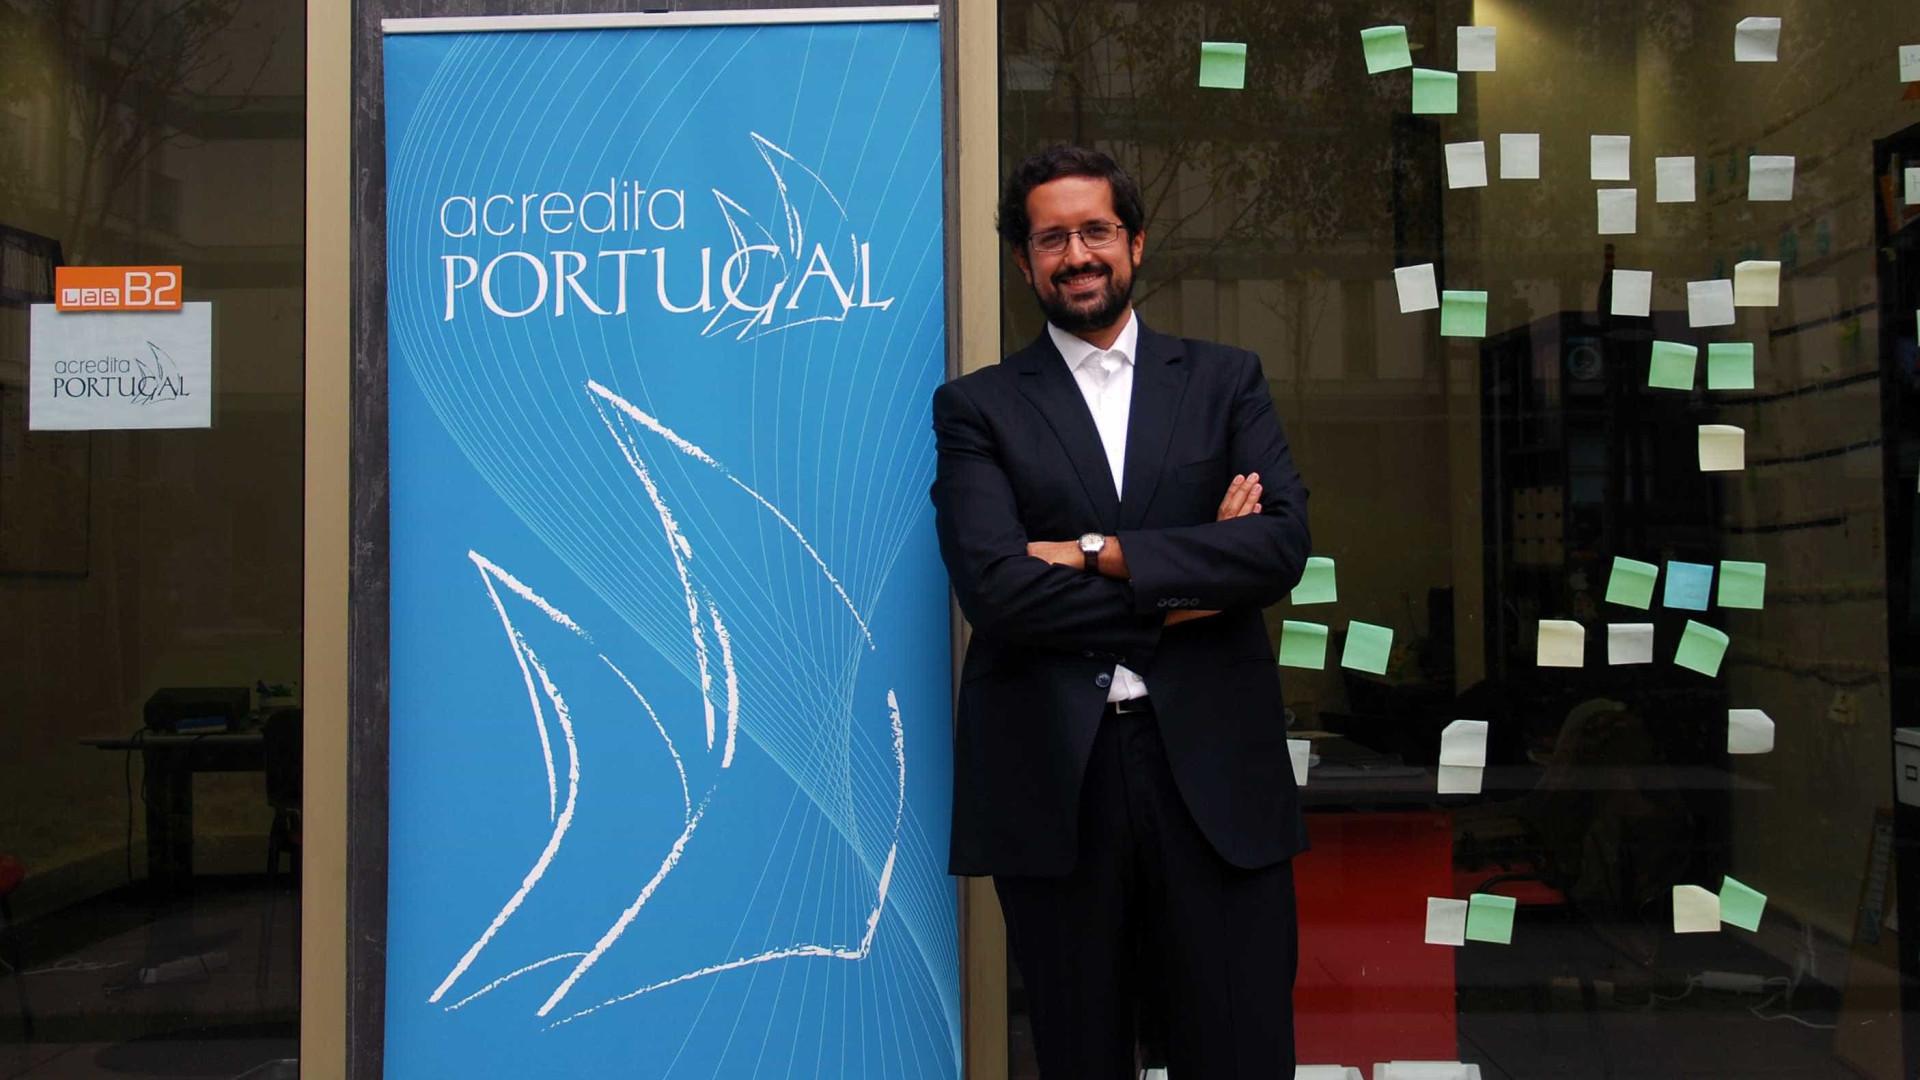 Maior concurso português de empreendedorismo está aí. Tudo a postos?